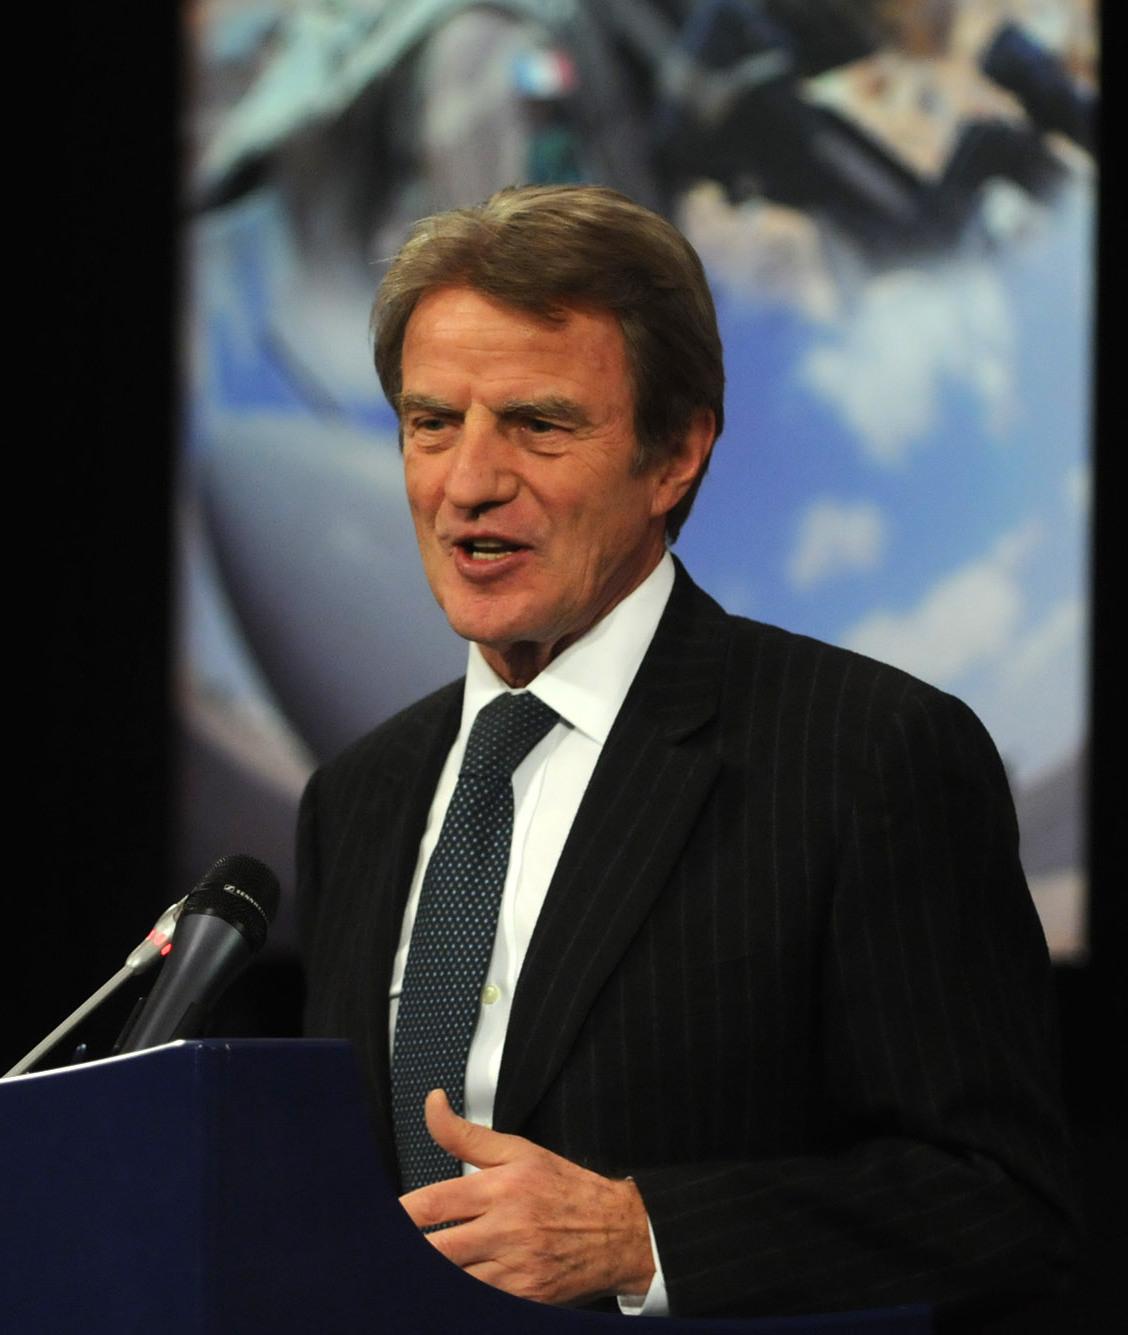 Bernard Kouchner speaker